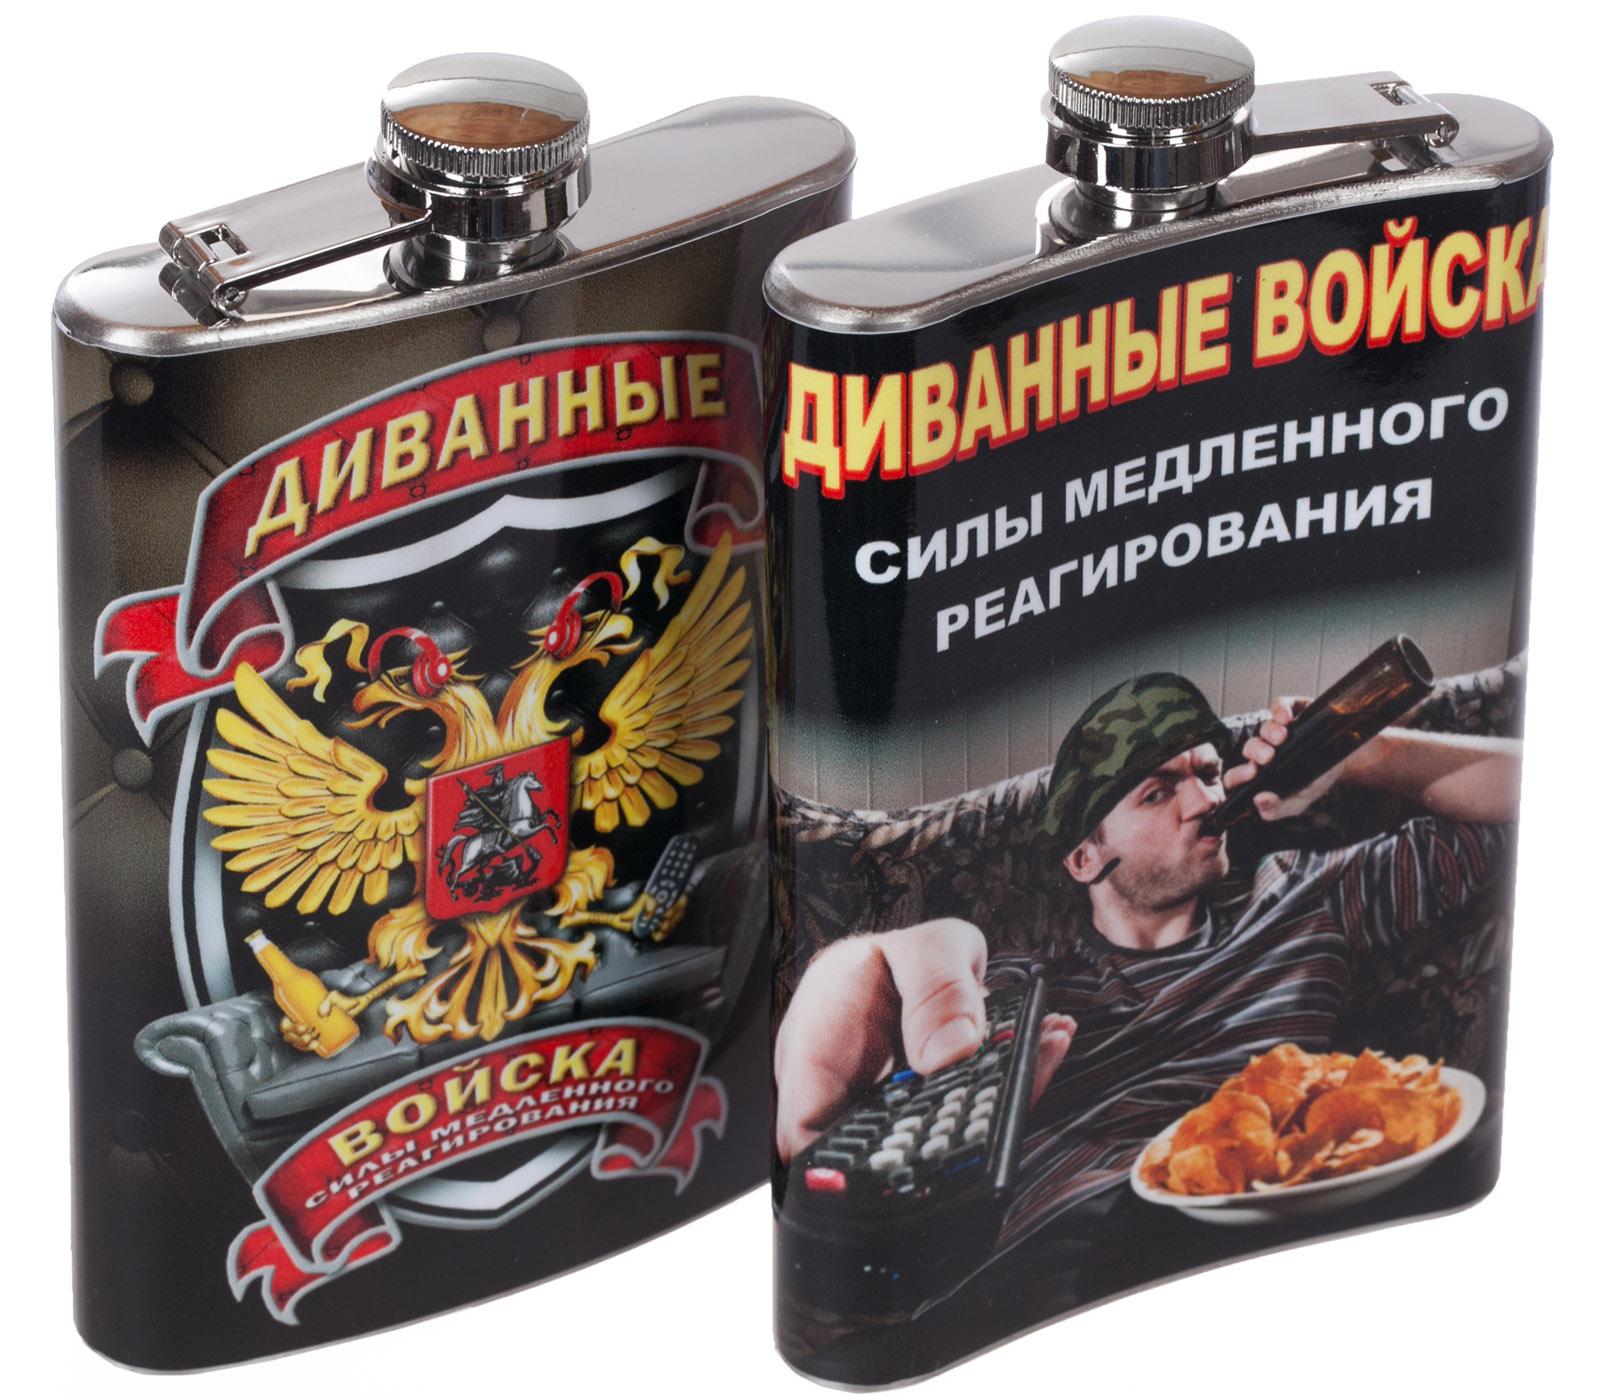 """Купить с доставкой фляжку """"Диванные войска"""" в Военторге Военпро"""